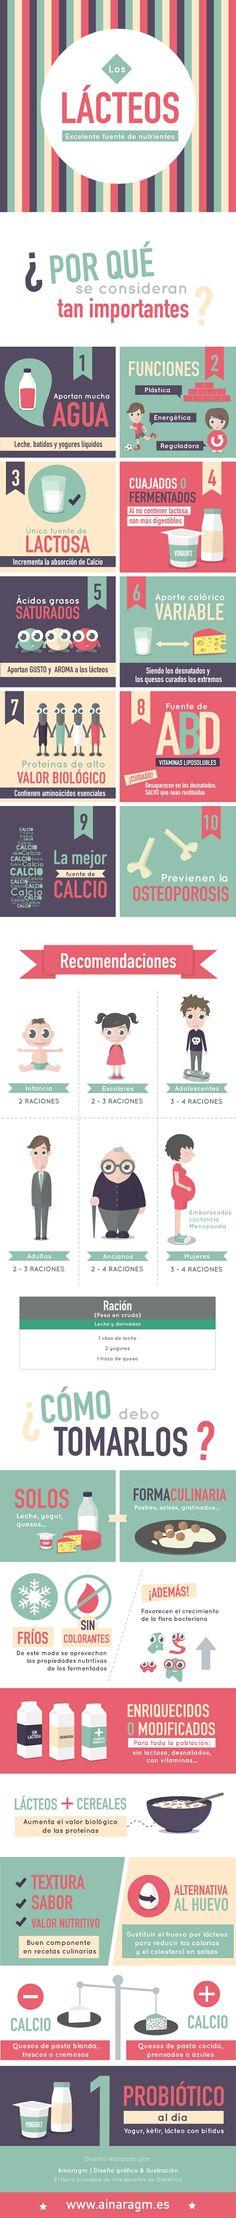 #RUTINA #EJERCICIO #DIETA #ADELGAZAR #FRASES #MOTIVACION #DIETA